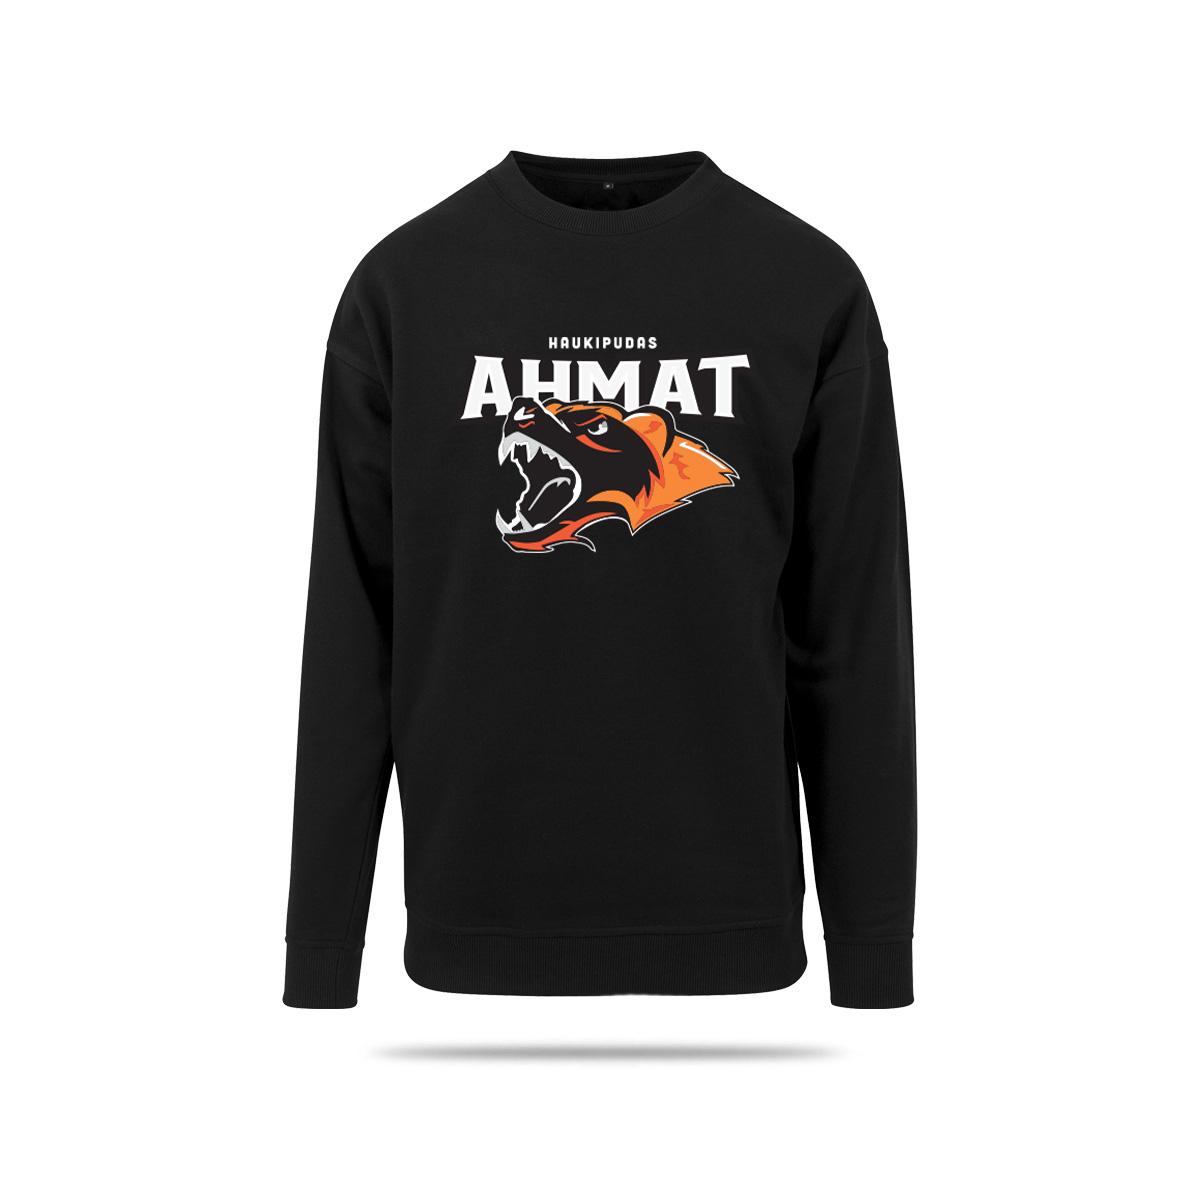 Ahmat-fani-6004-musta-original